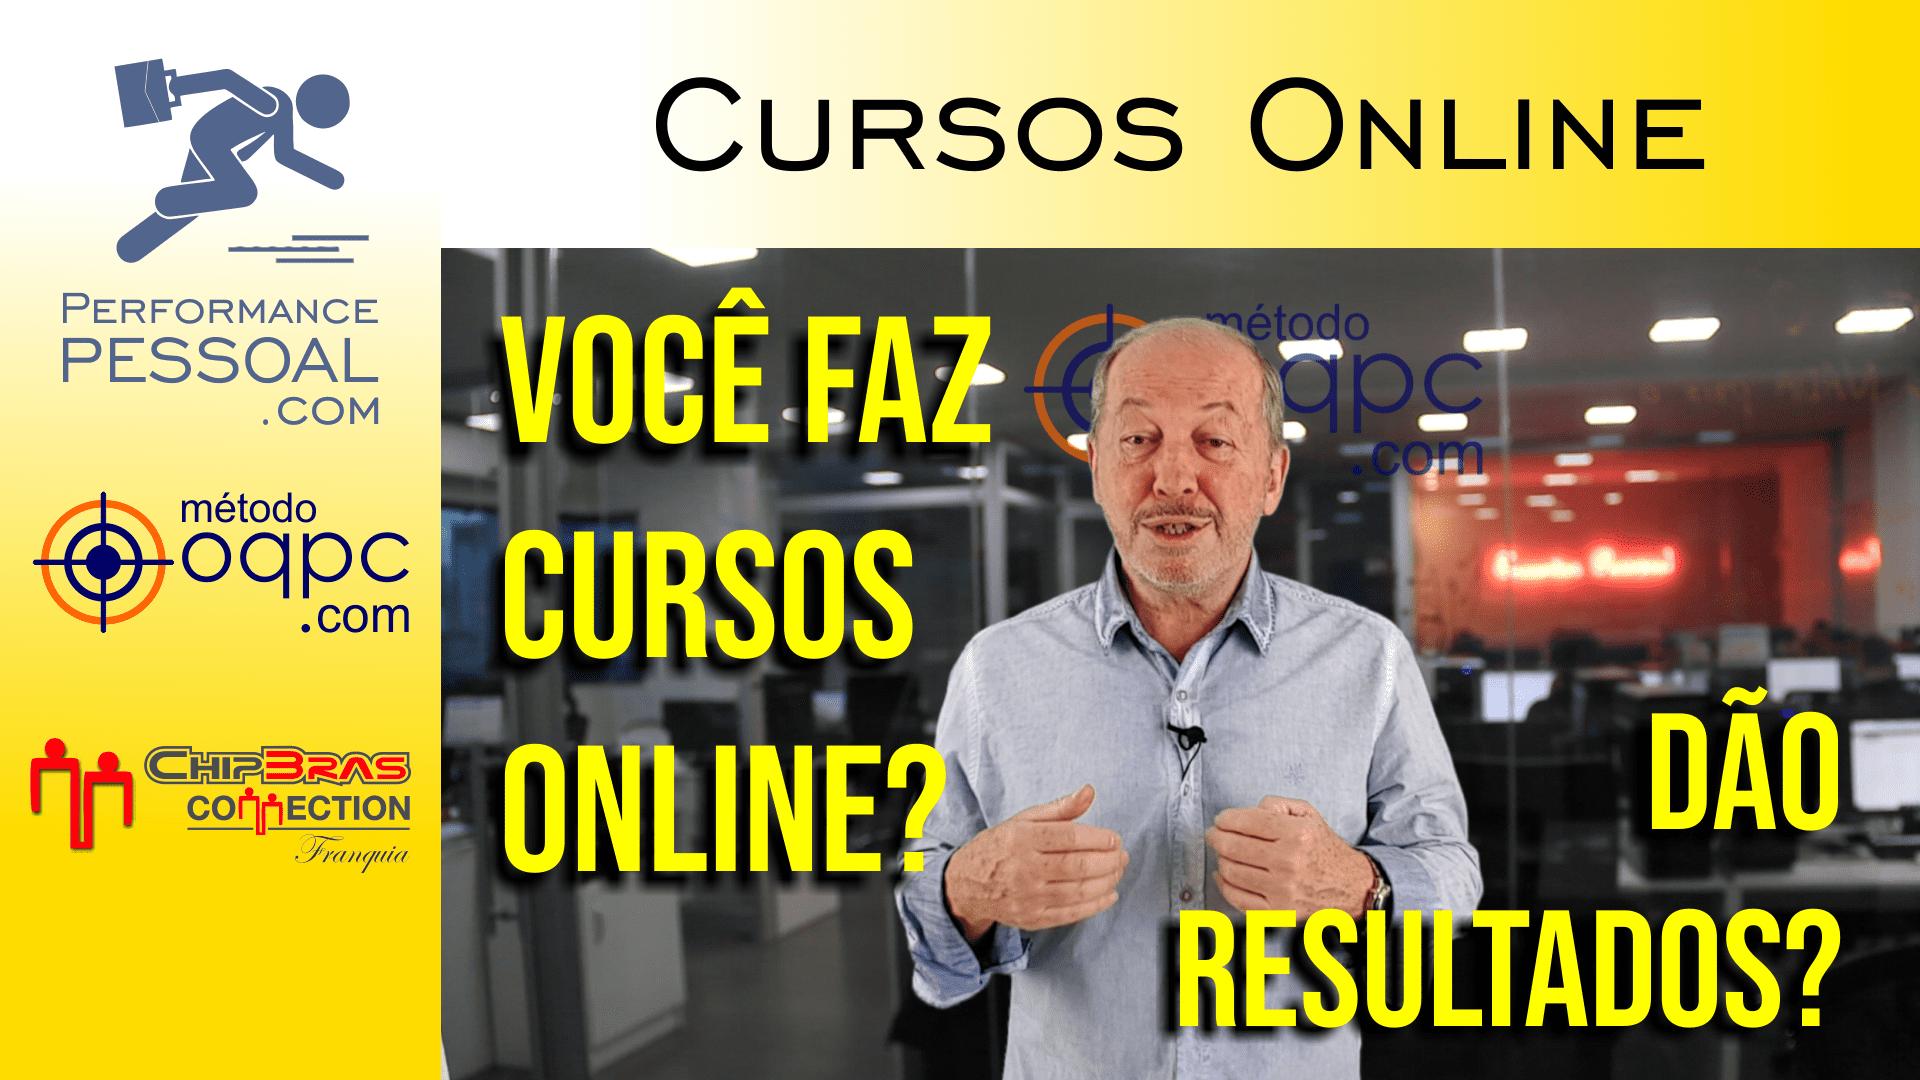 Cursos online não dão resultados